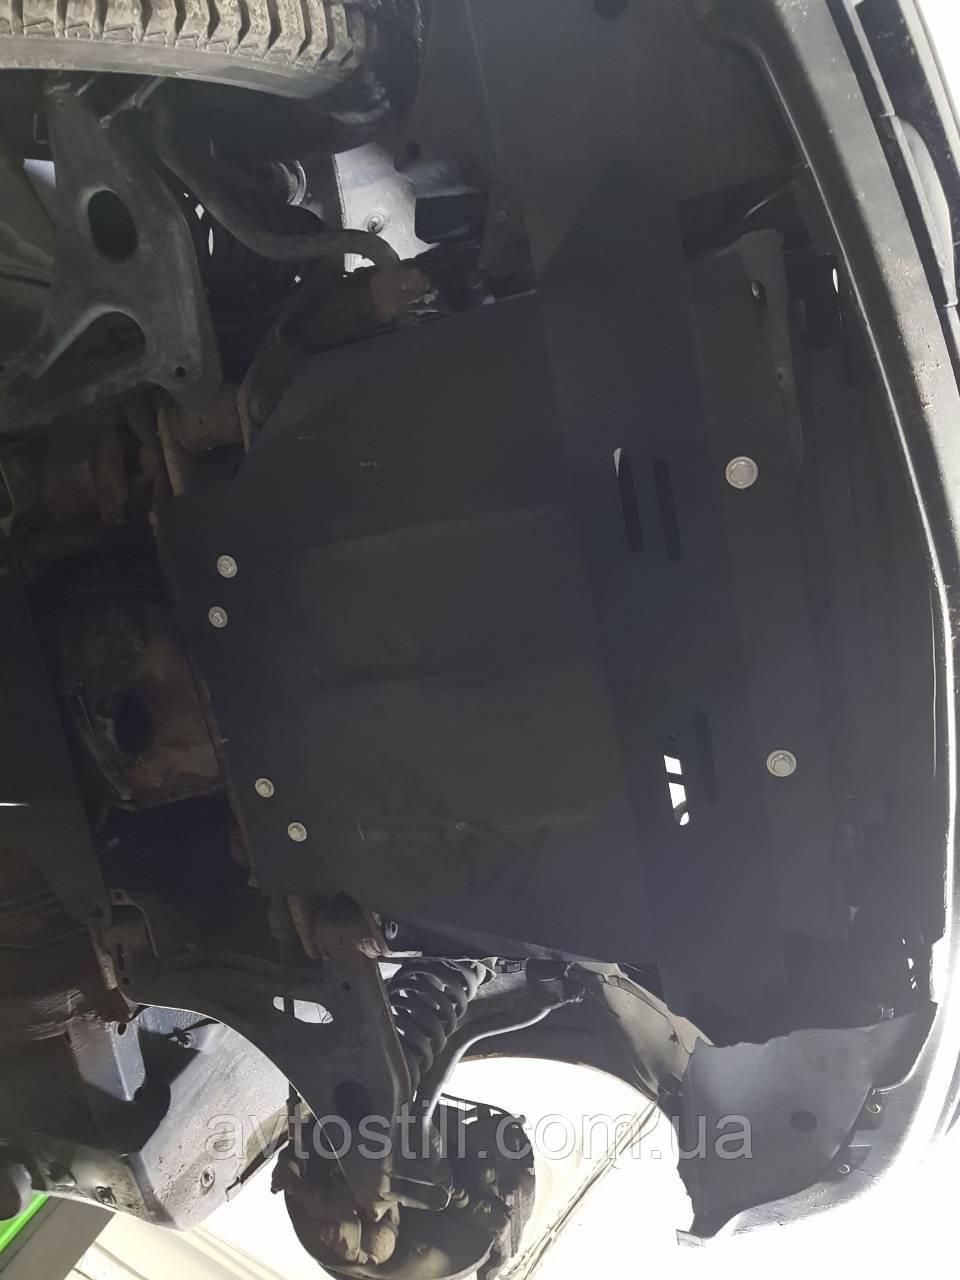 Захист двигуна C-Class W202 (1993-2001)